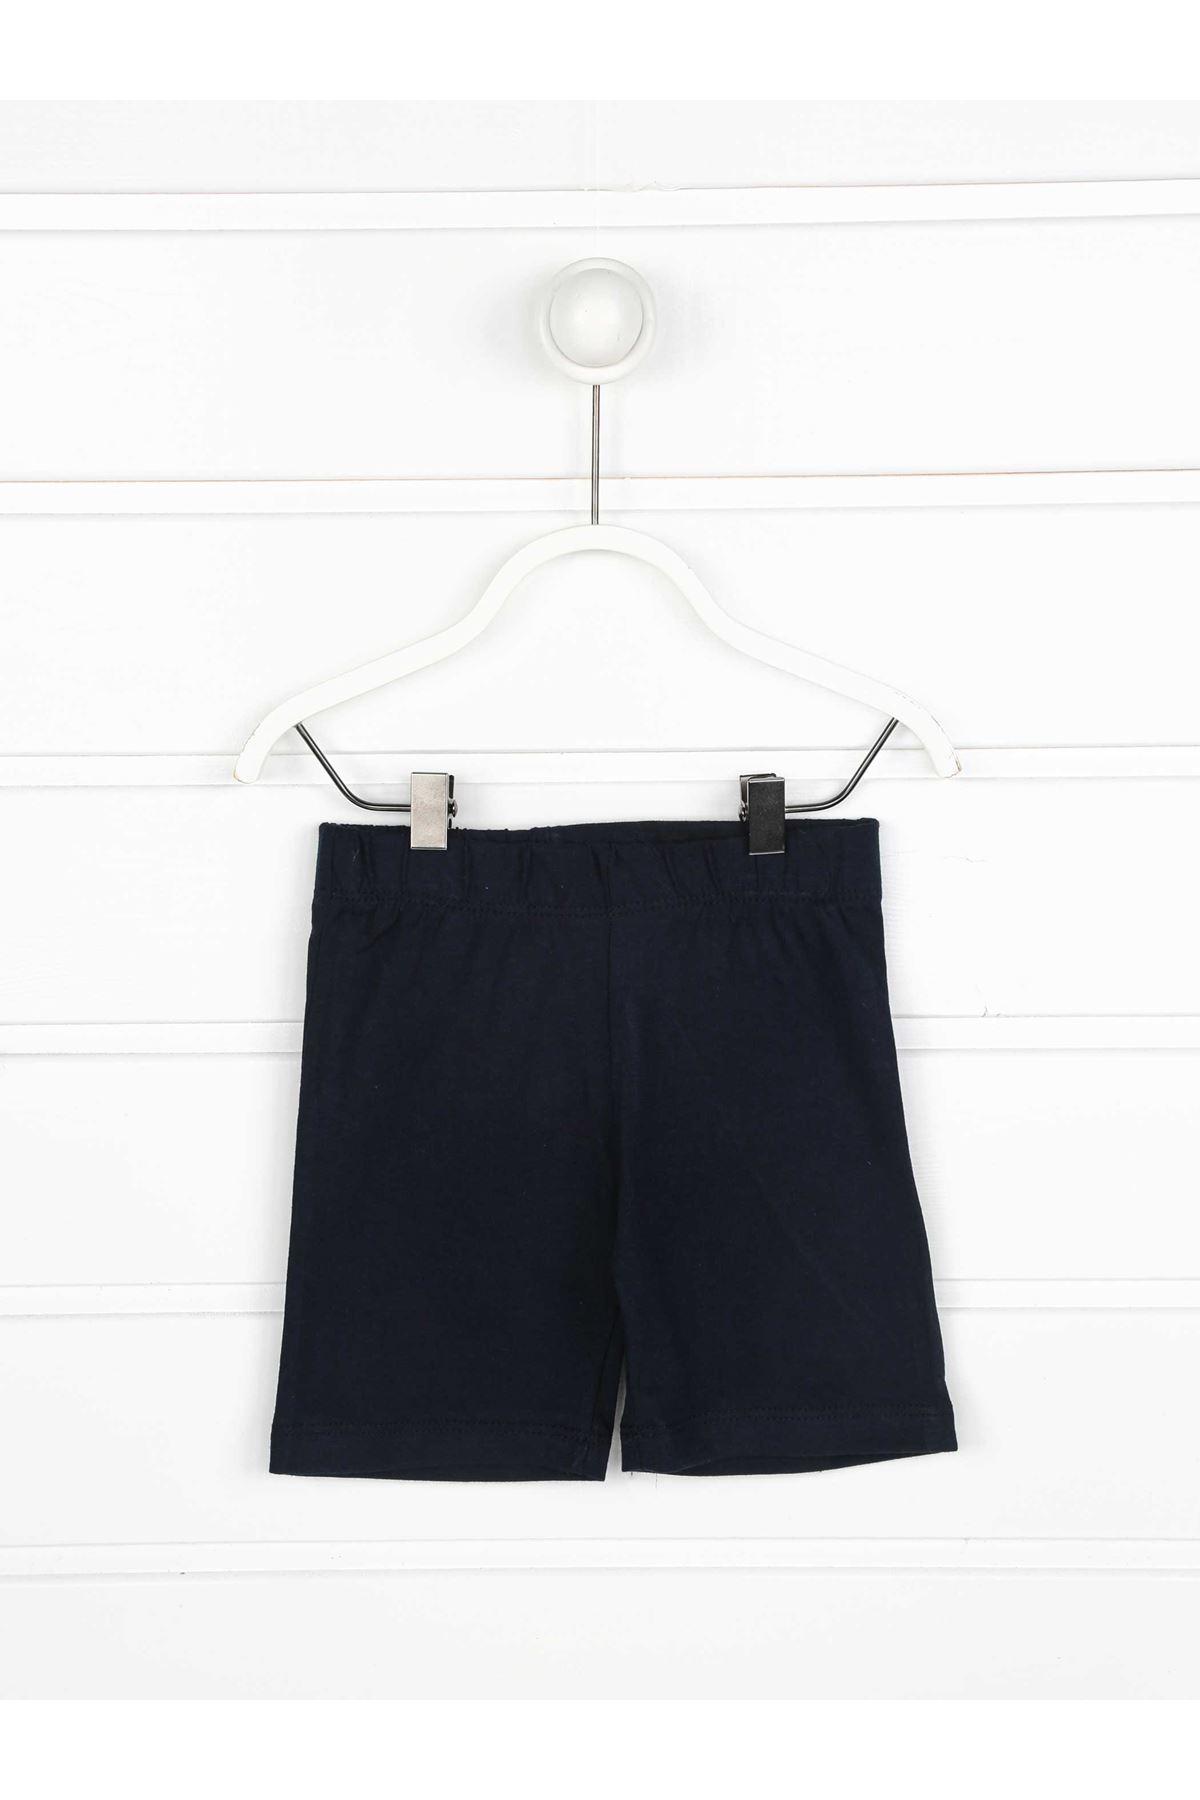 Blue Summer Male Child 2 pcs Suit